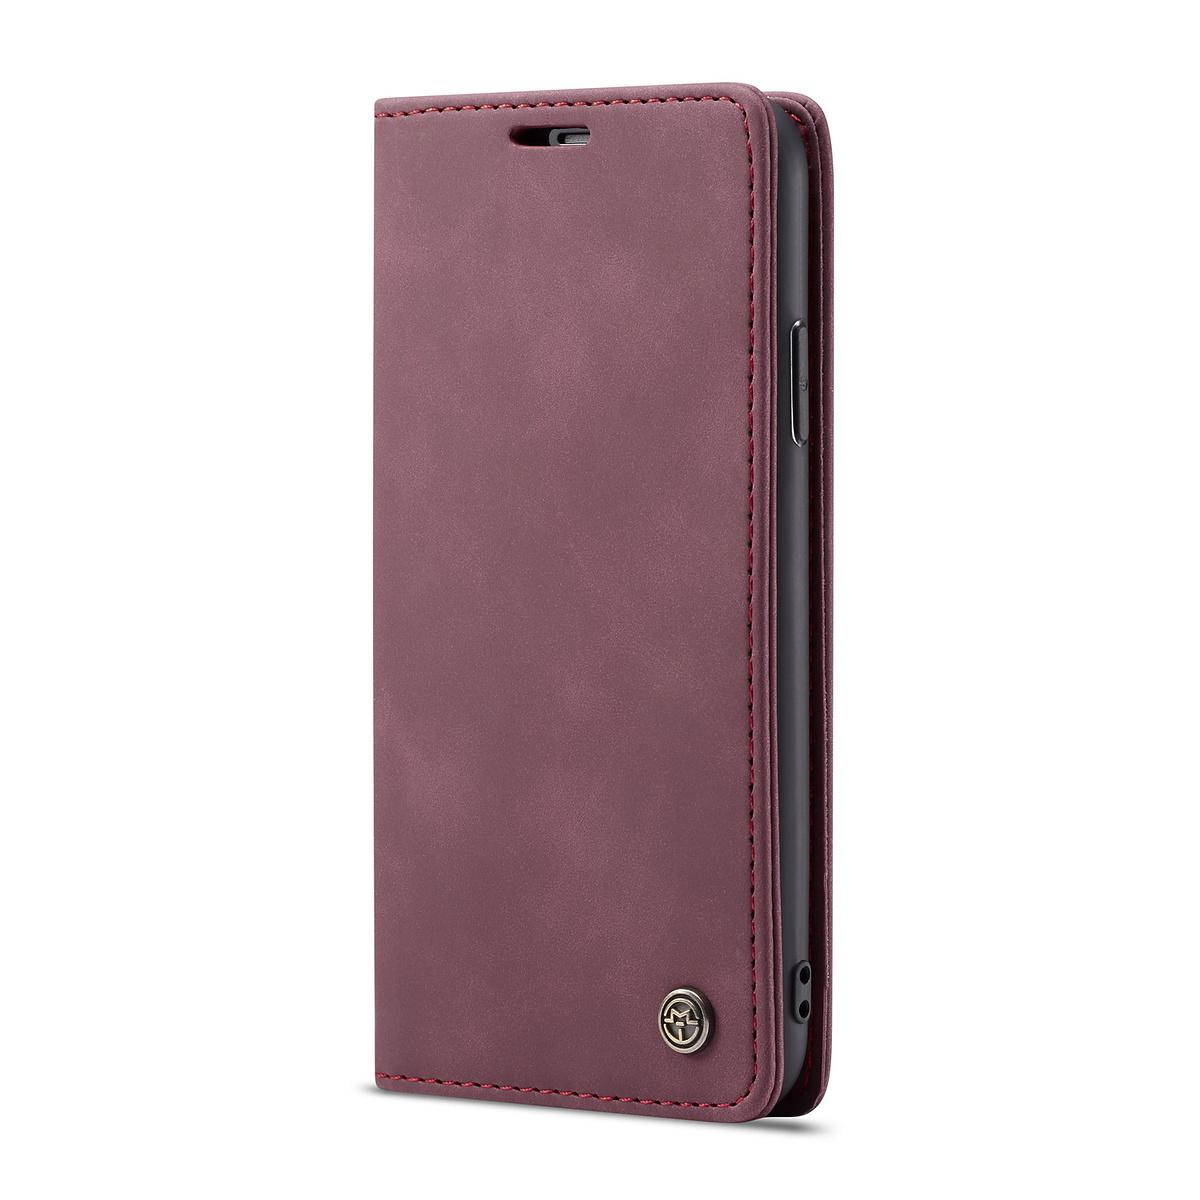 CaseMe plånboksfodral, iPhone X/XS, vinröd